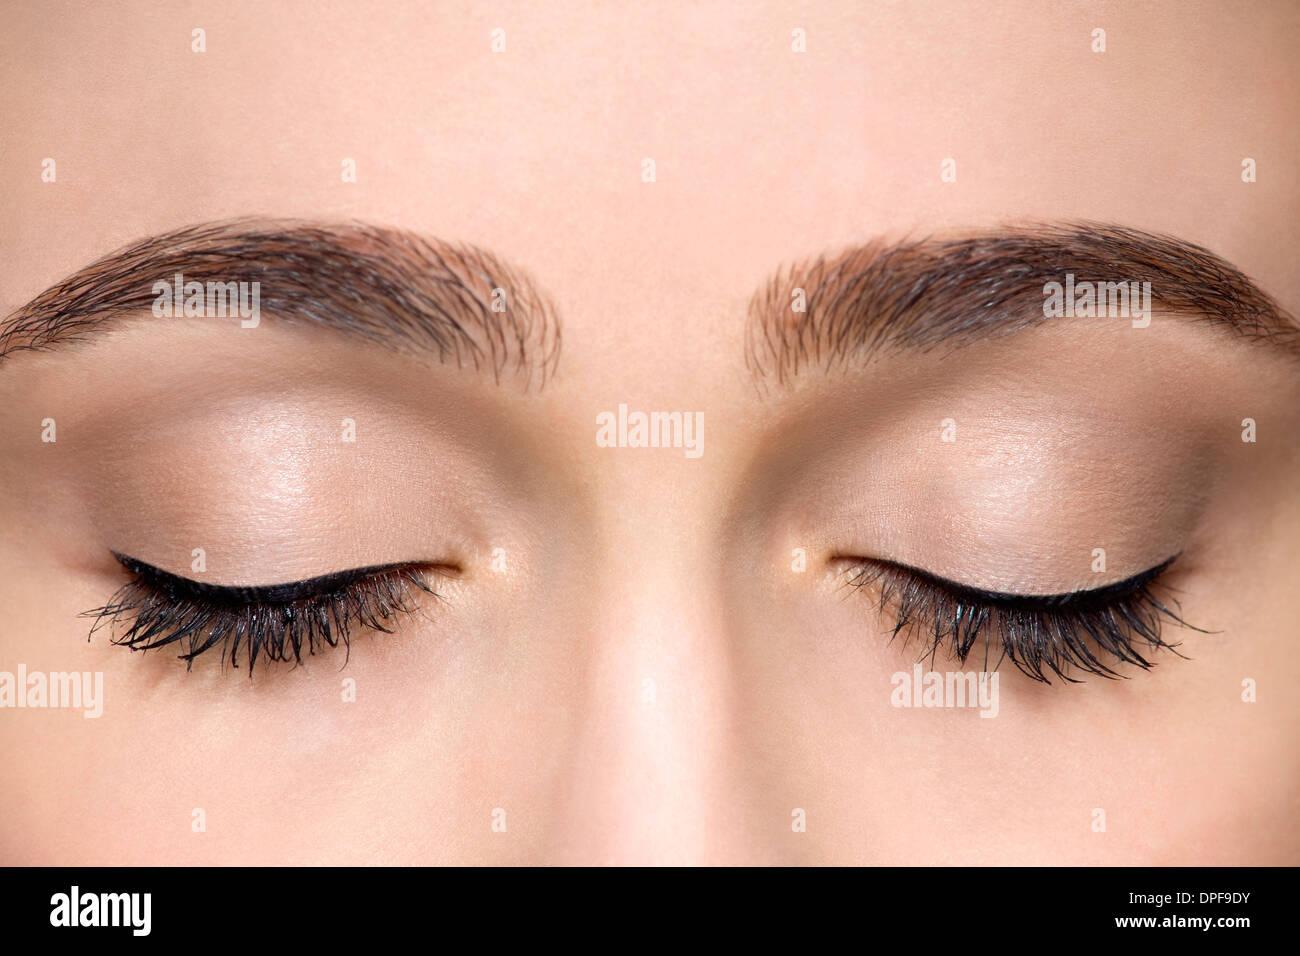 Studioaufnahme von schönen jungen Frau mit geschlossenen Augen beschnitten Stockbild